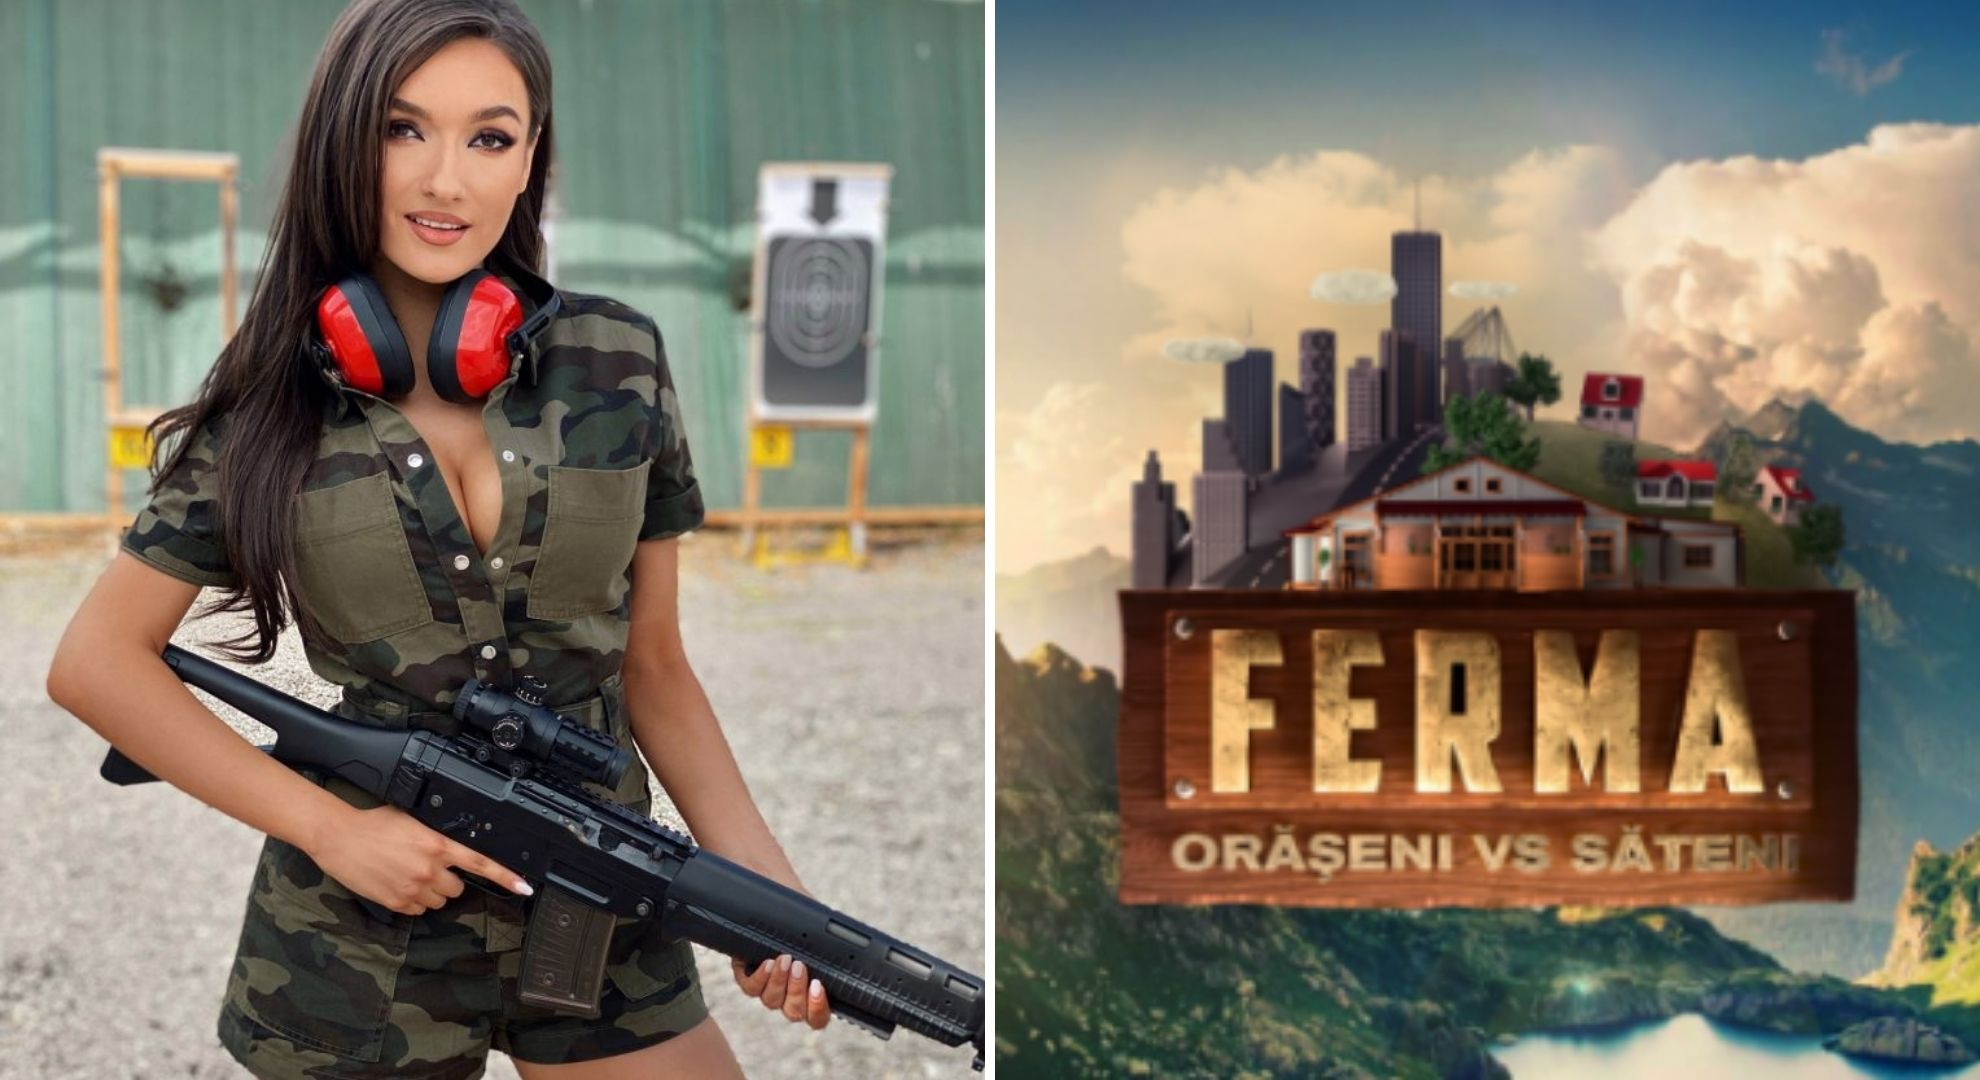 """Viviana Sposub vorbește despre câștigătorul Ferma 2020: """"Nu știam că e capabil de atâtea lucruri"""""""